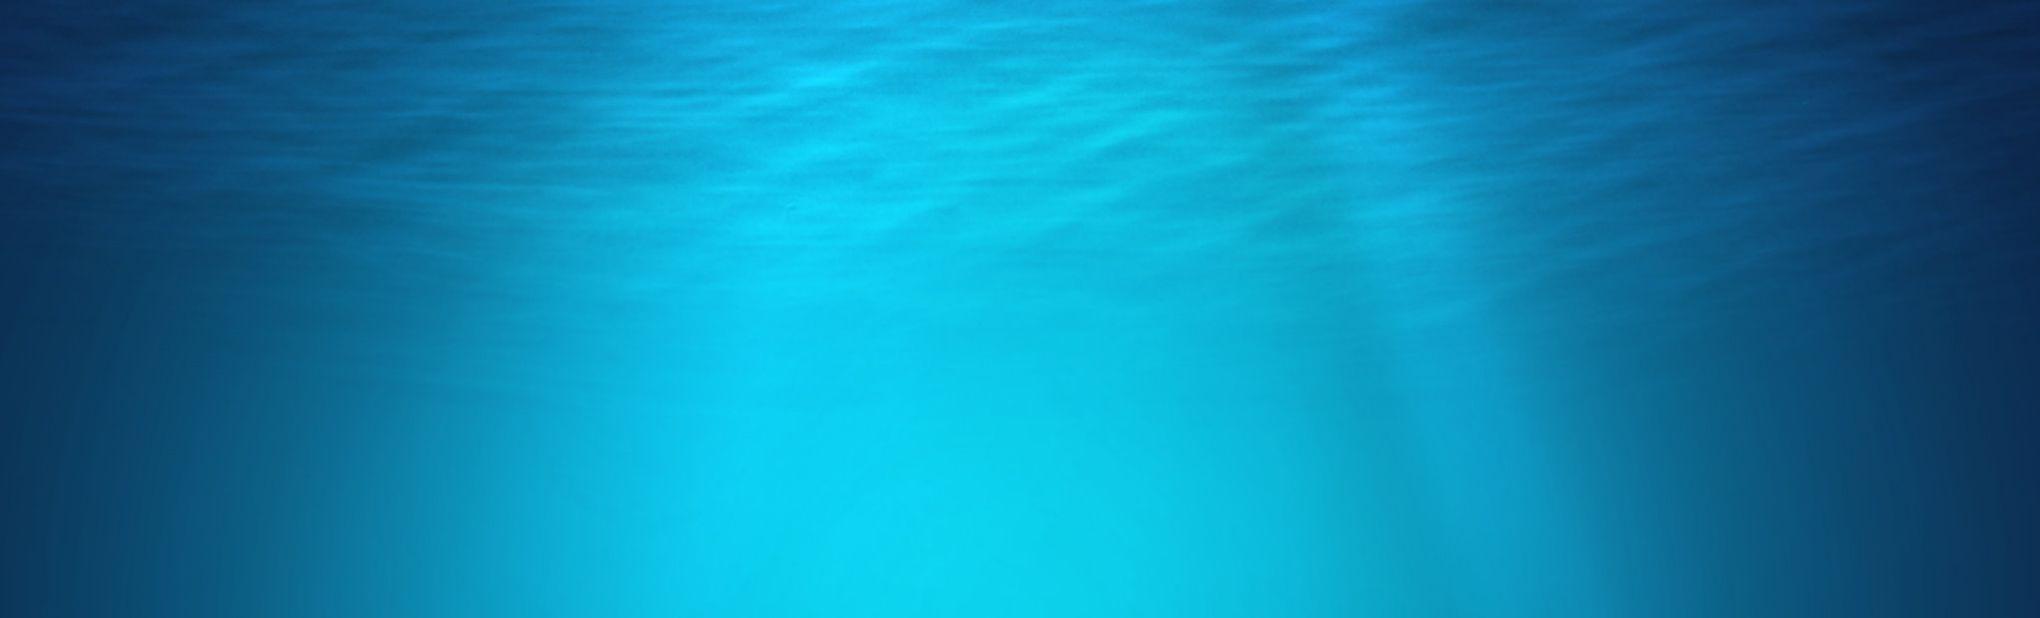 Mills Web Design - ocean